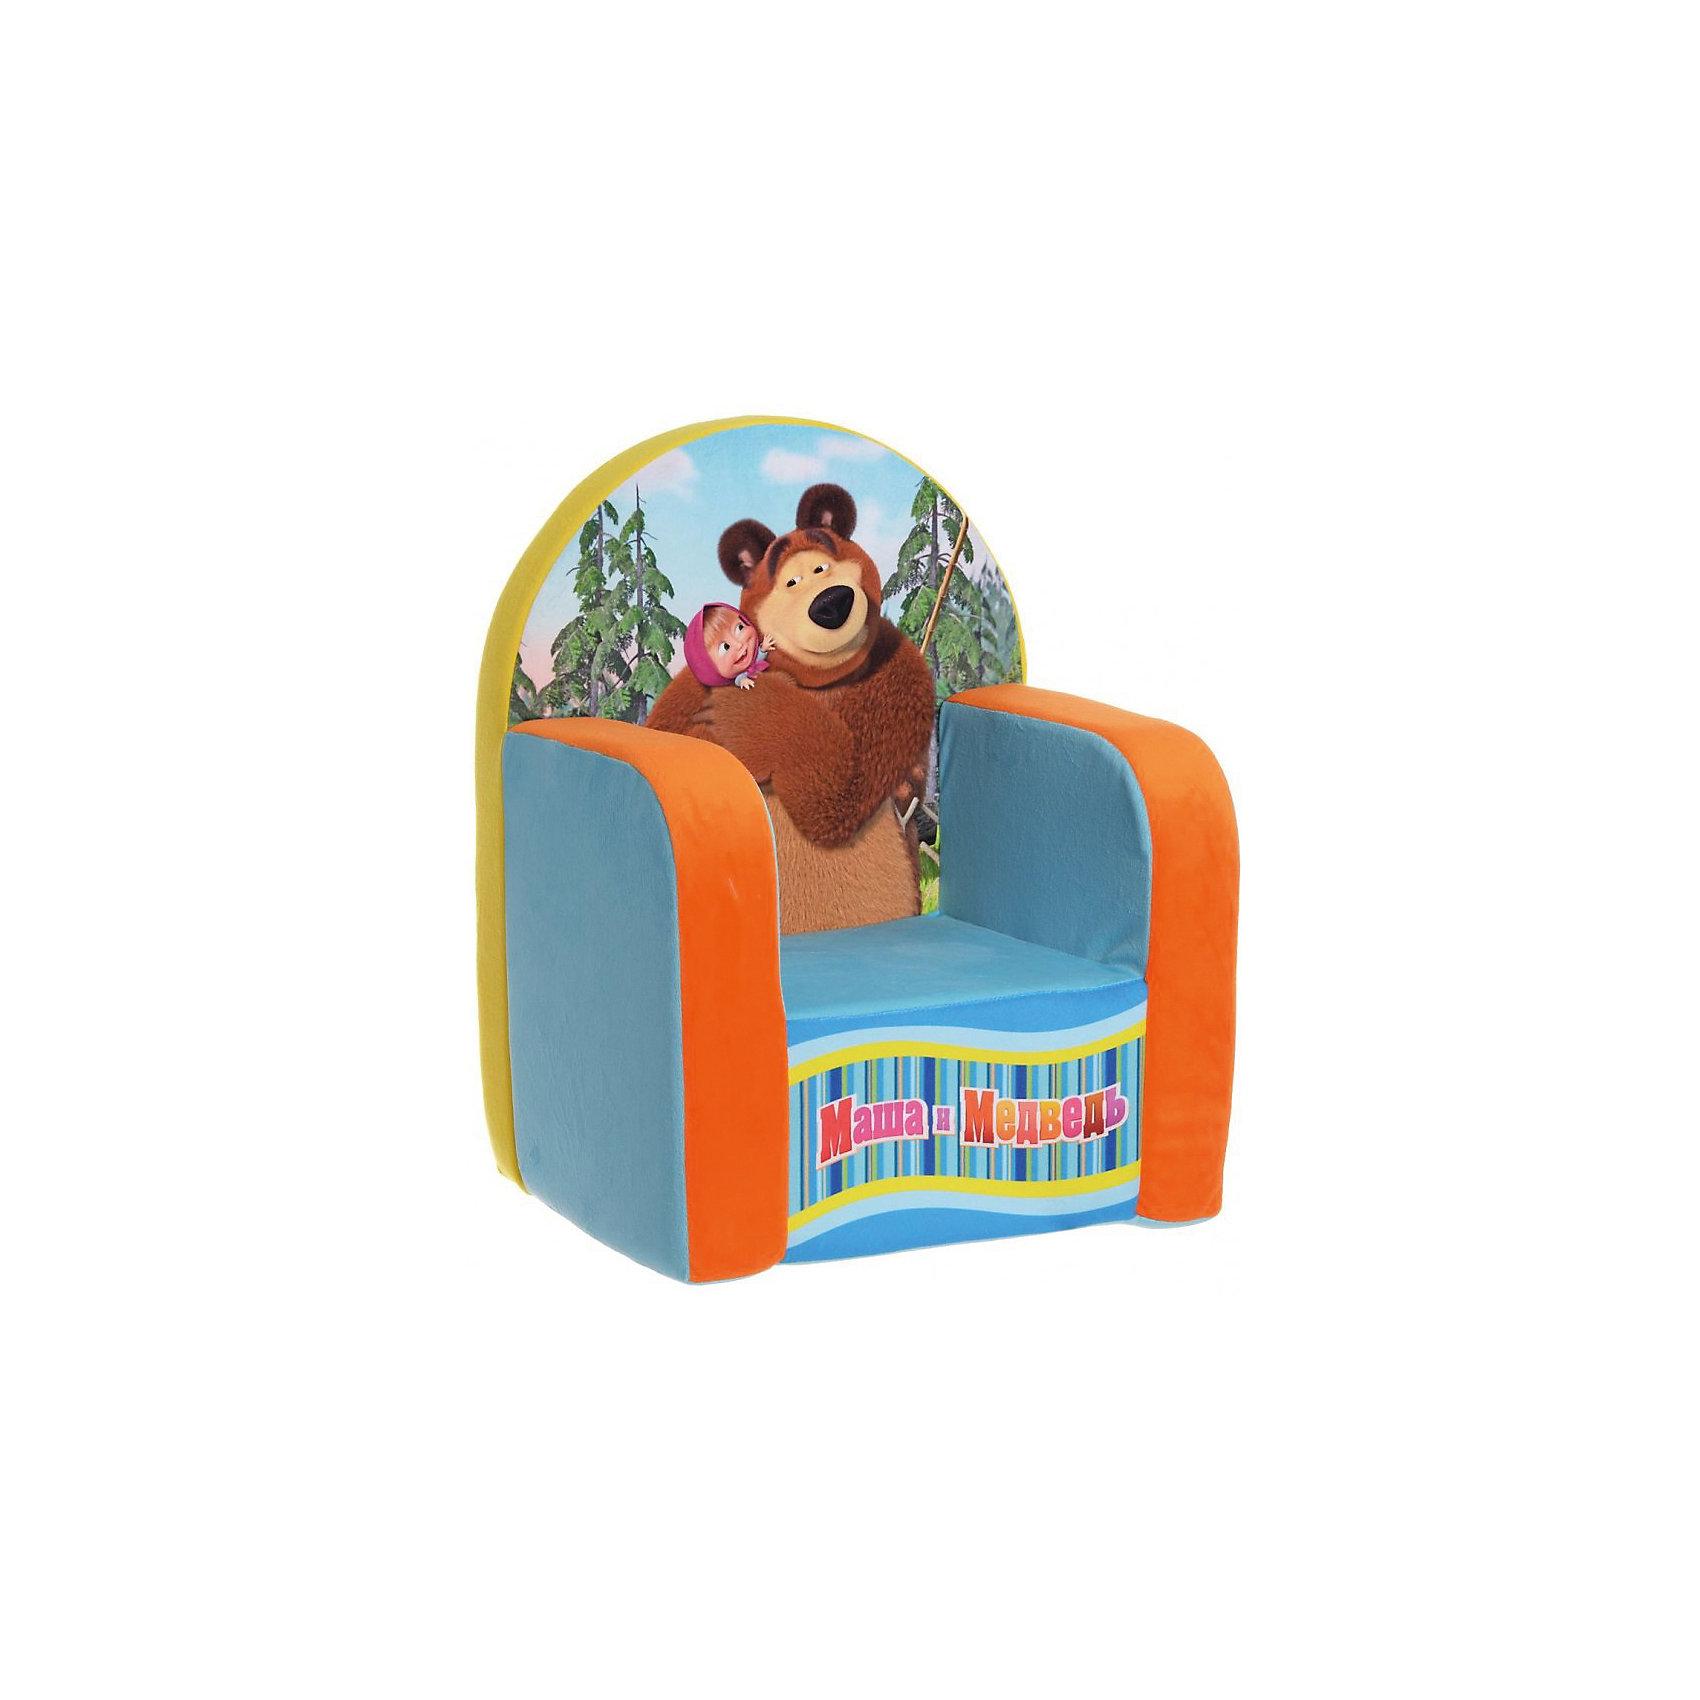 Мягкое кресло Маша и Медведь, СмолТойс, голубойДумаете, чем порадовать ребенка? Подарите это кресло! Детям очень важно иметь свои вещи, это касается не только посуды и игрушек, но и мебели. Именно поэтому такое кресло станет действительно желанным подарком для малыша. Тем более, что на нем есть изображение любимых мультяшных герои современных детей - Маши и Медведя.<br>Обивка кресла - мягкая и приятная на ощупь. Внутри предмет заполнен мягким пенополиуретаном, в нем нет жестких элементов, опасных для малыша. Кресло легкое, но устойчивое. Детям будет интересно и удобно в нем сидеть или играть. Такое яркое и симпатичное кресло оживит и украсит комнату ребенка!<br><br>Дополнительная информация:<br><br>цвет: разноцветный;<br>материал: трикотаж, пенополиуретан;<br>декорировано изображением Маши и Медведя;<br>размер: 530 х 320 х 410 мм.<br><br>Мягкое кресло Маша и Медведь можно купить в нашем магазине.<br><br>Ширина мм: 32<br>Глубина мм: 41<br>Высота мм: 53<br>Вес г: 1075<br>Возраст от месяцев: 36<br>Возраст до месяцев: 1188<br>Пол: Унисекс<br>Возраст: Детский<br>SKU: 3440340